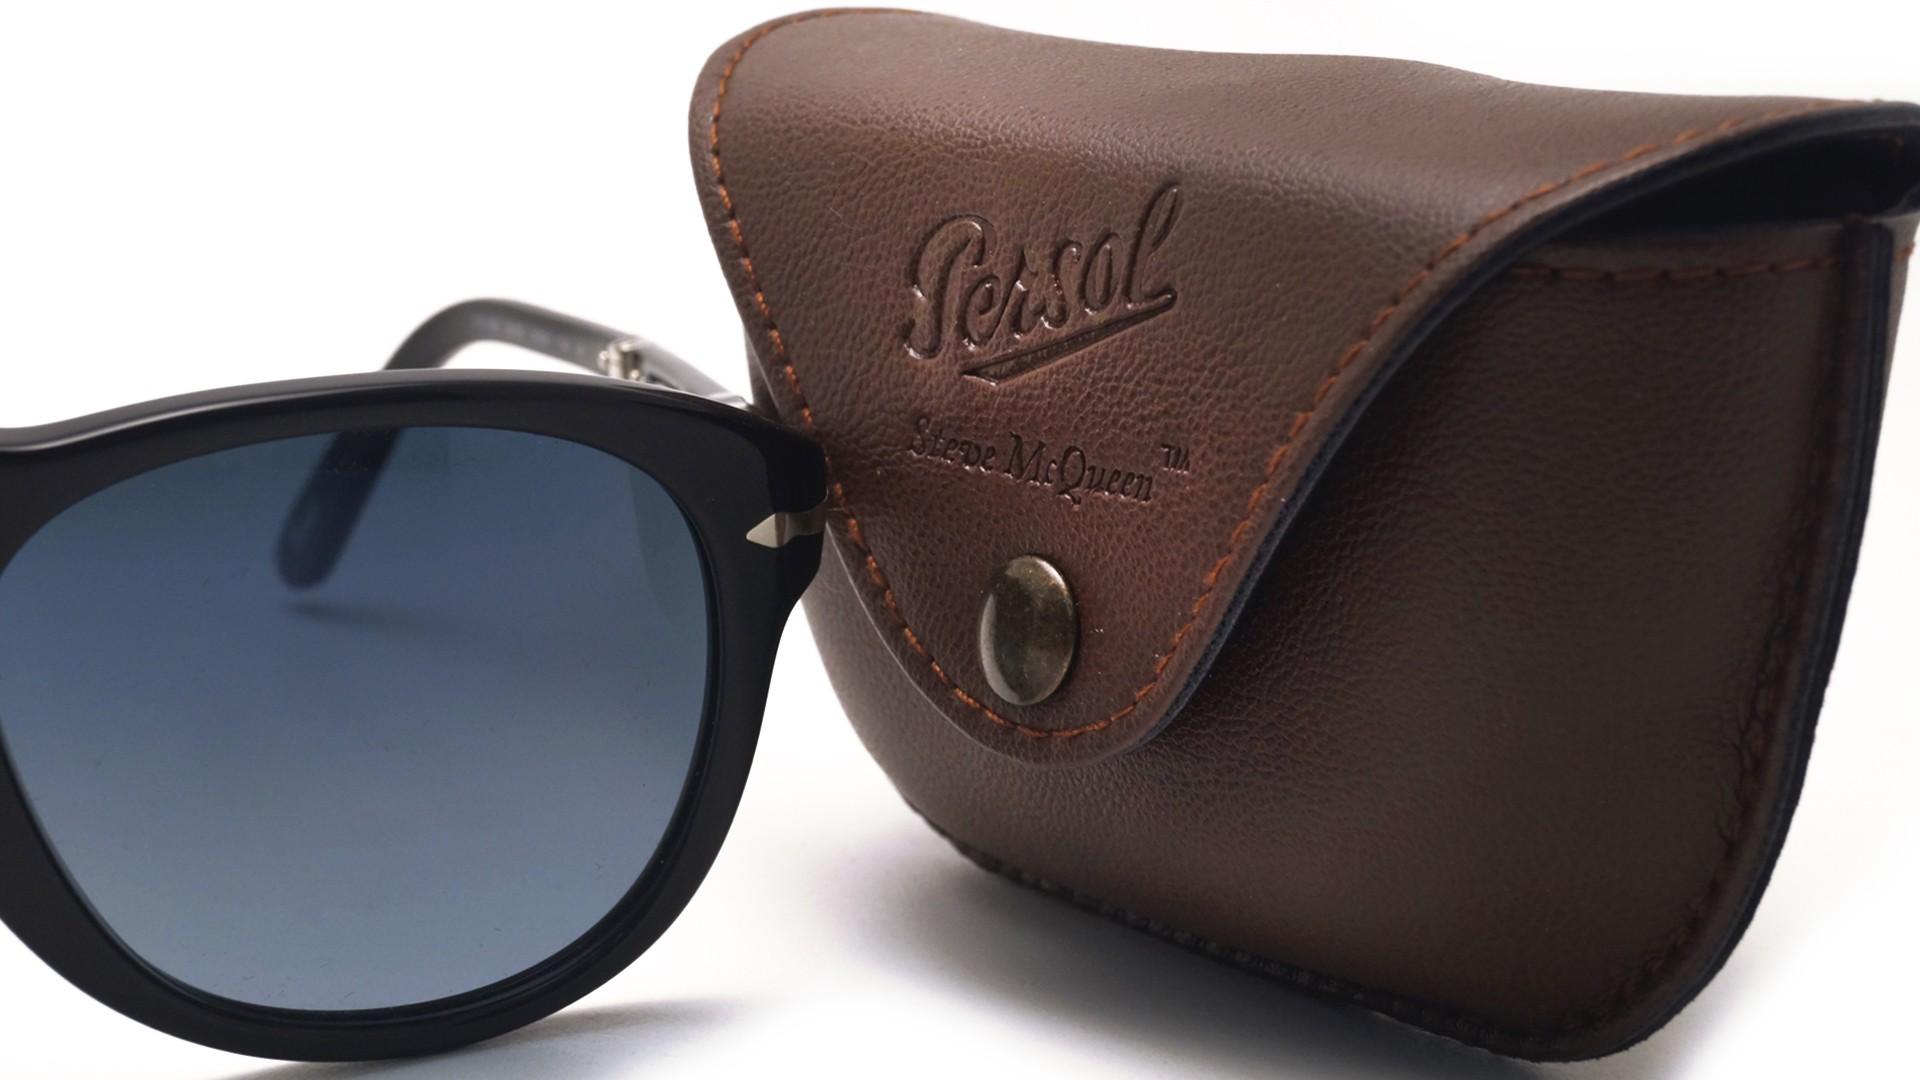 Sunglasses Persol Steve Mcqueen Black PO0714SM 95 S3 54-21 Large Folding  Polarized Gradient a91478c48e32